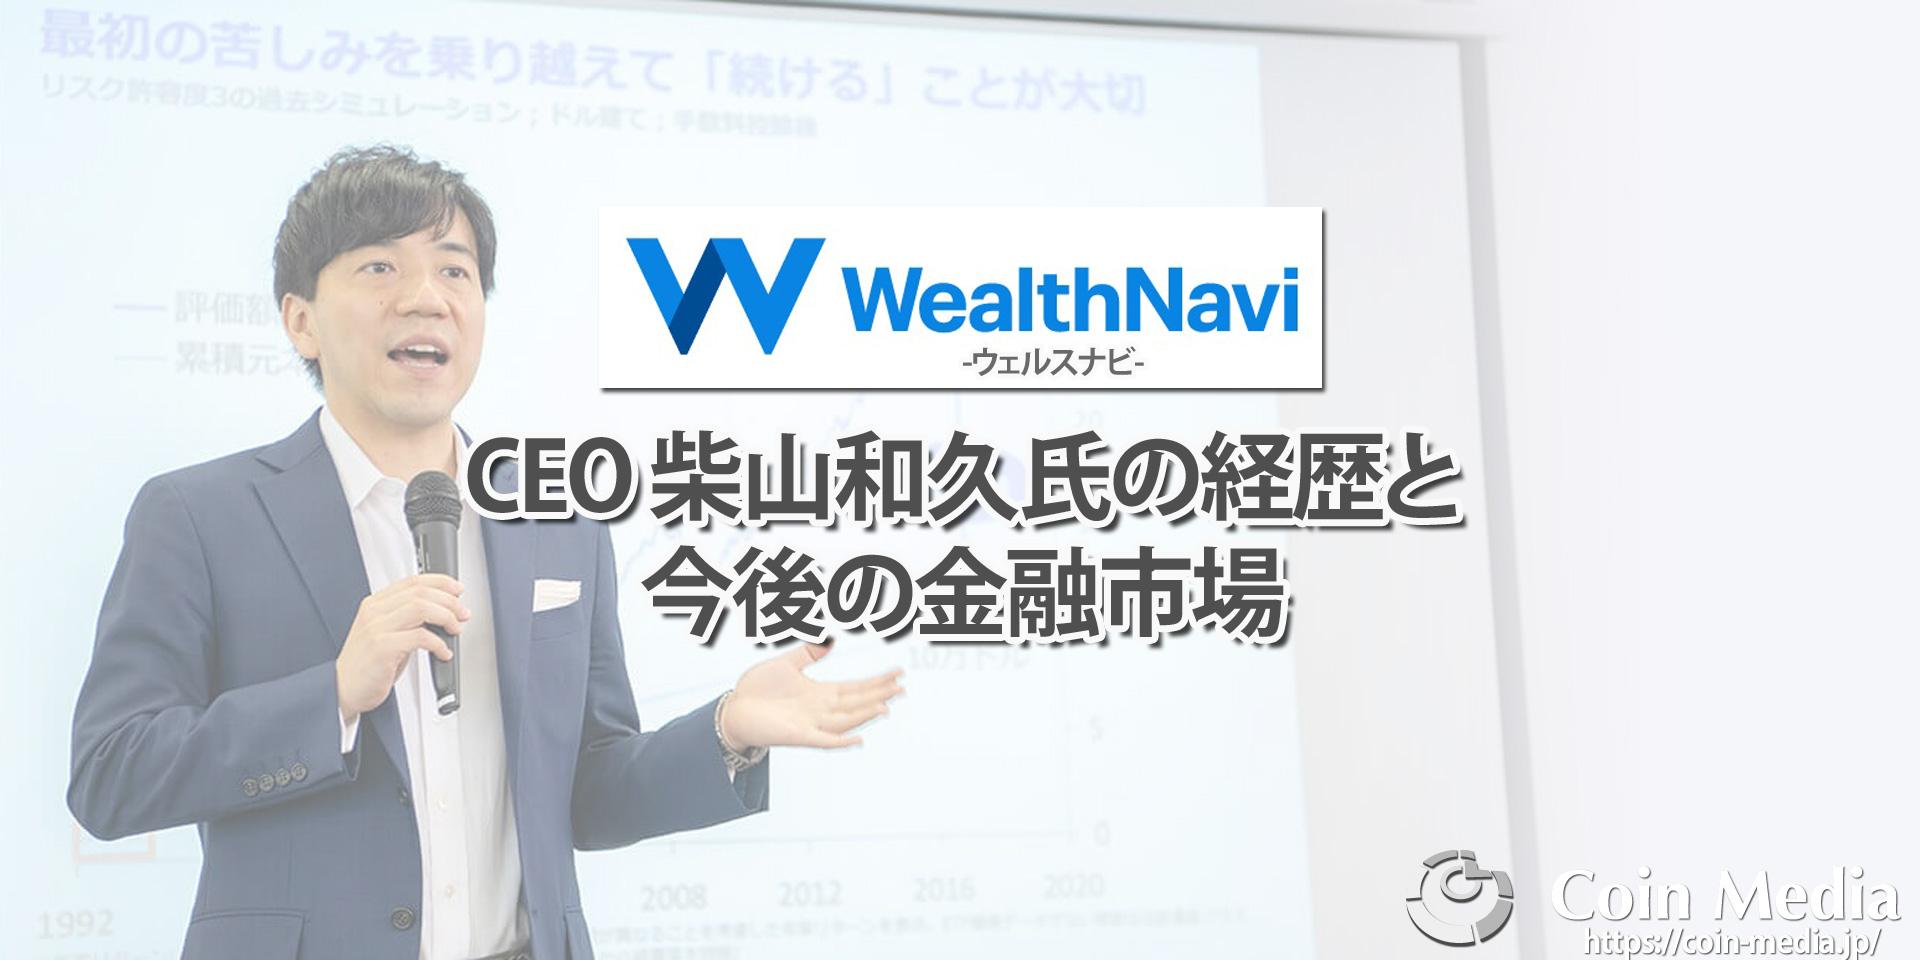 ウェルスナビ柴山氏経歴